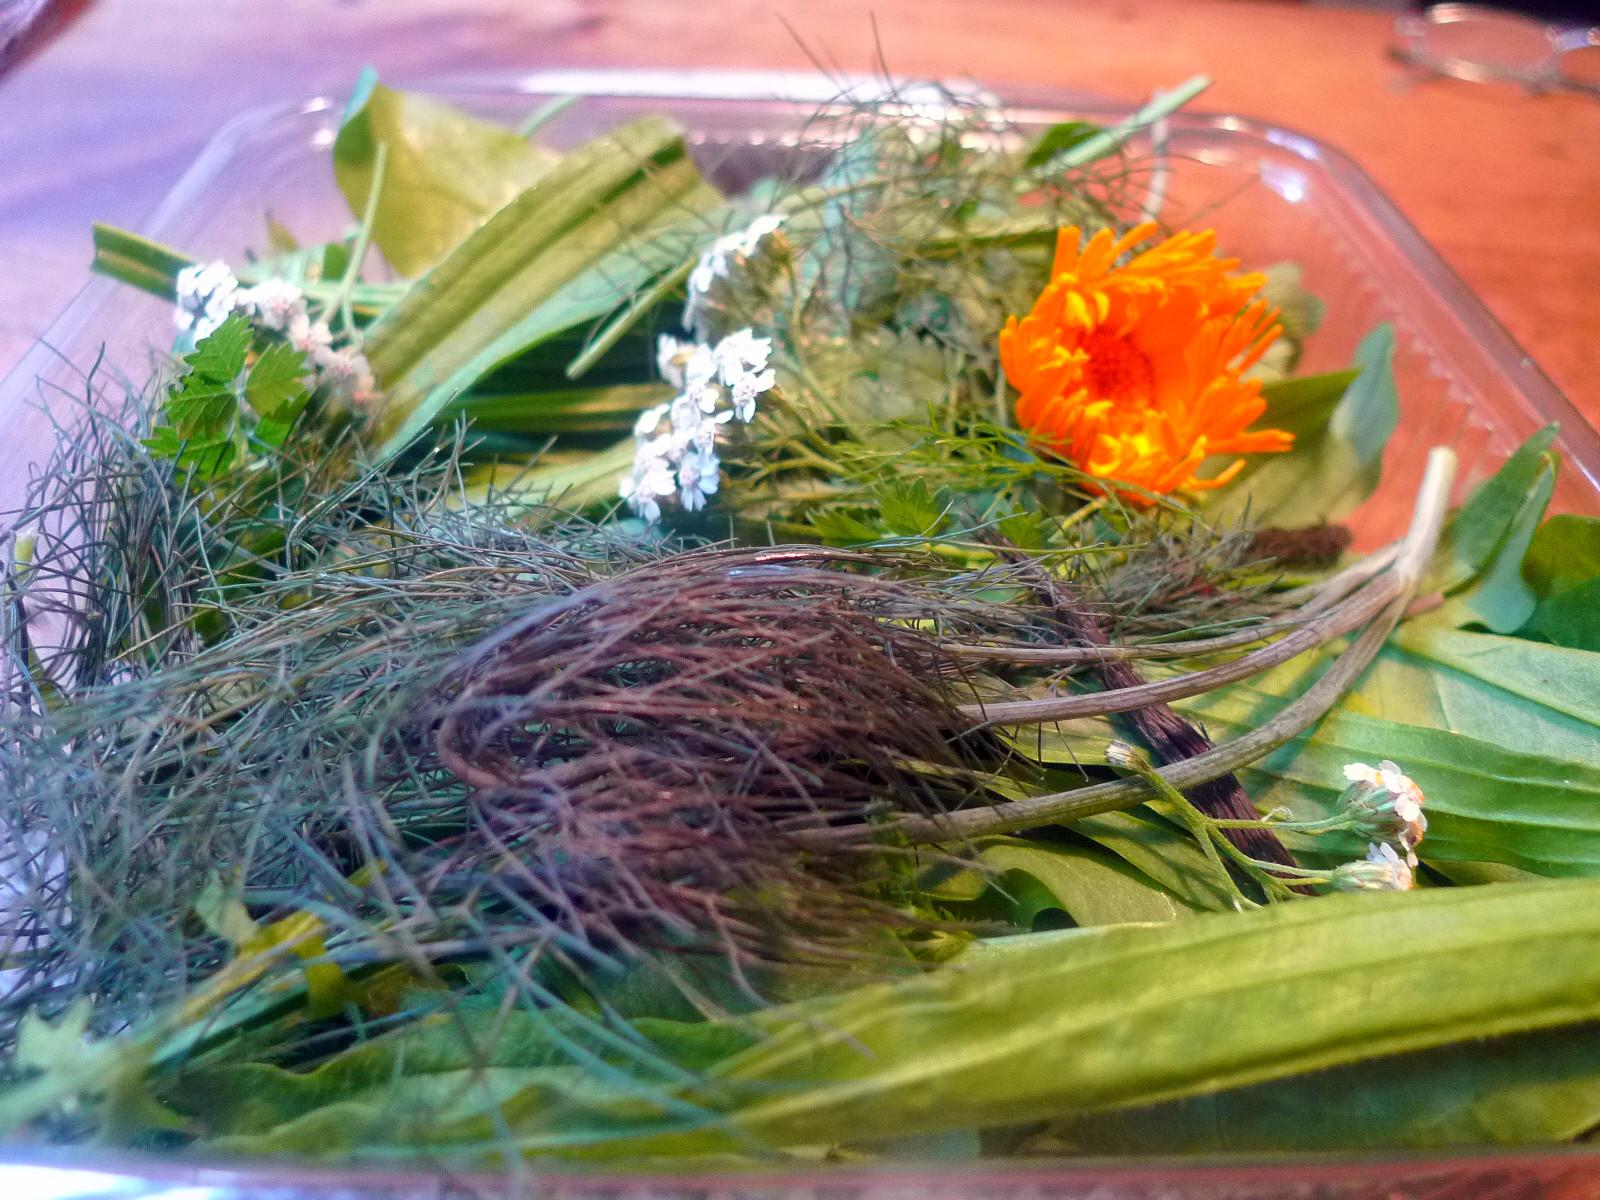 Rührei-Wildkräutersalat-Tomatensalat-Kartoffeln-25.7.14   (2)